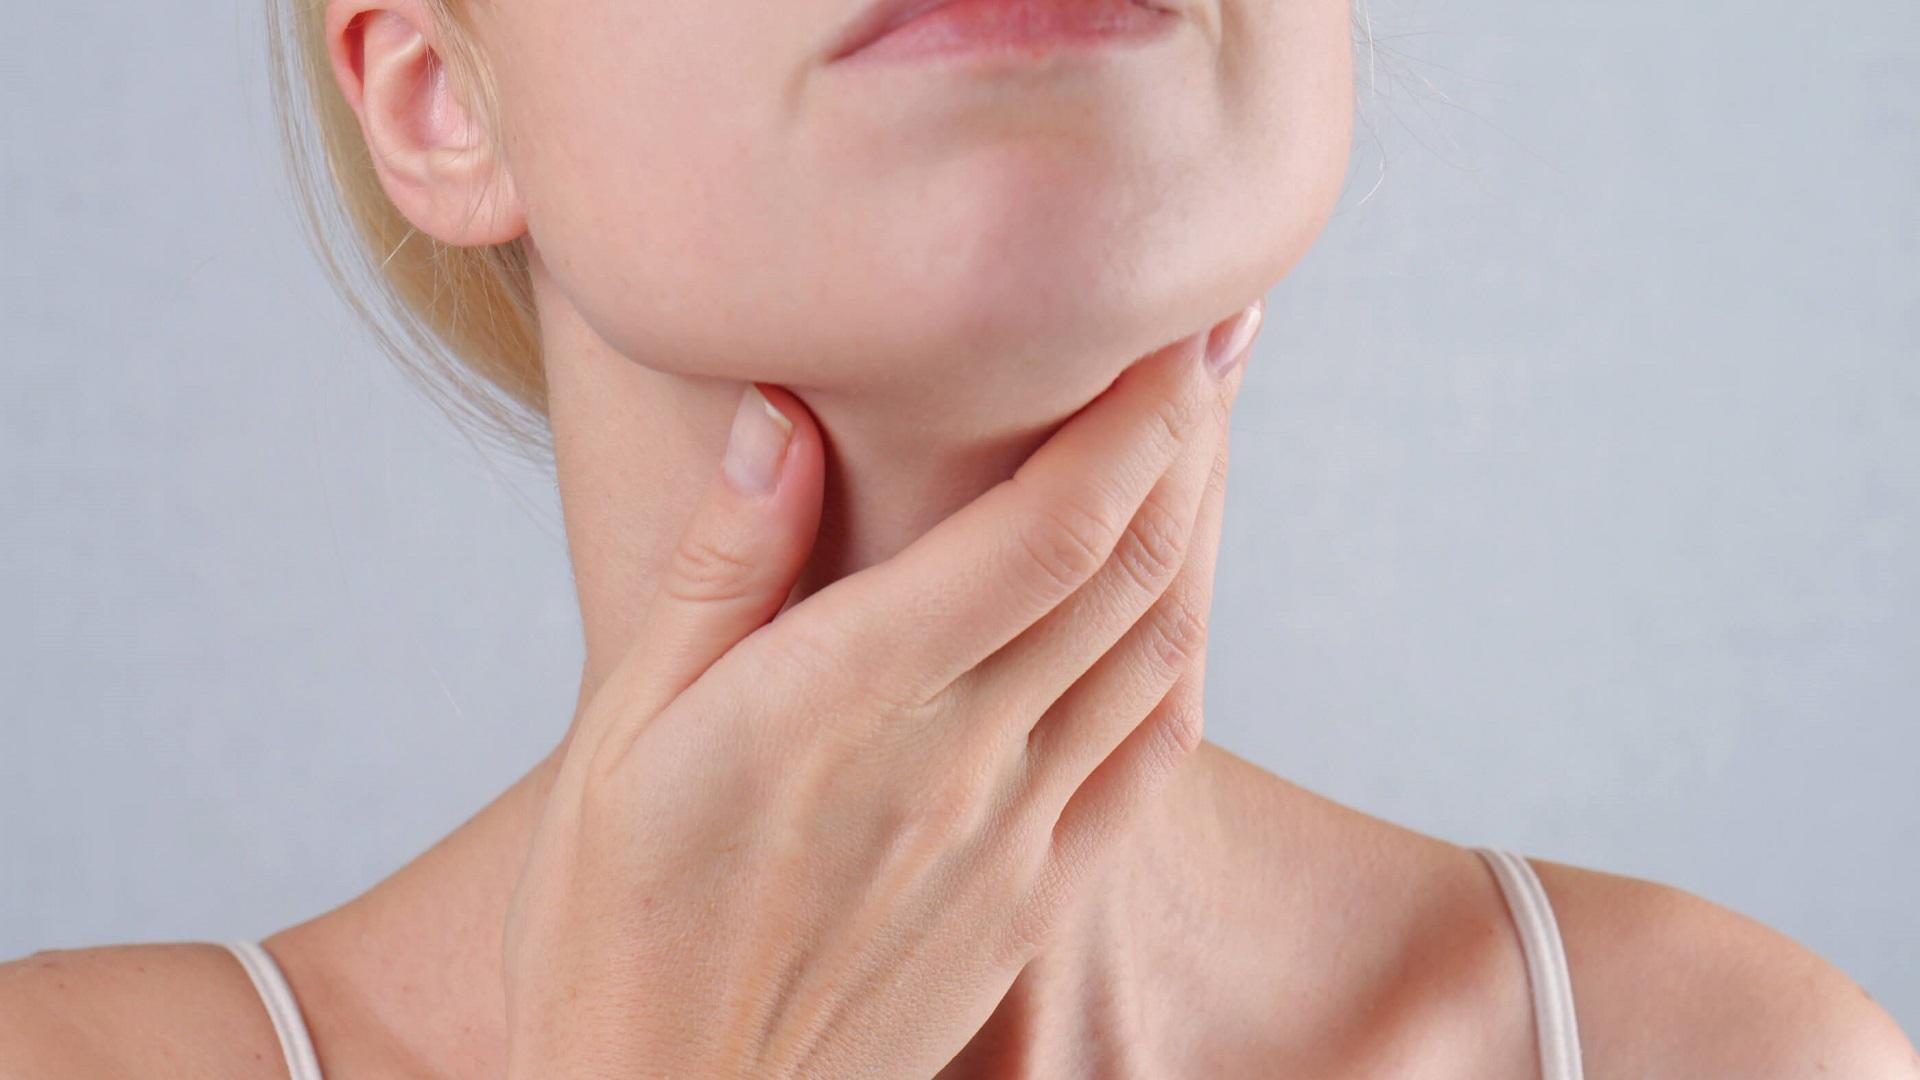 Ung thư tuyến giáp thường không gây triệu chứng gì đặc biệt